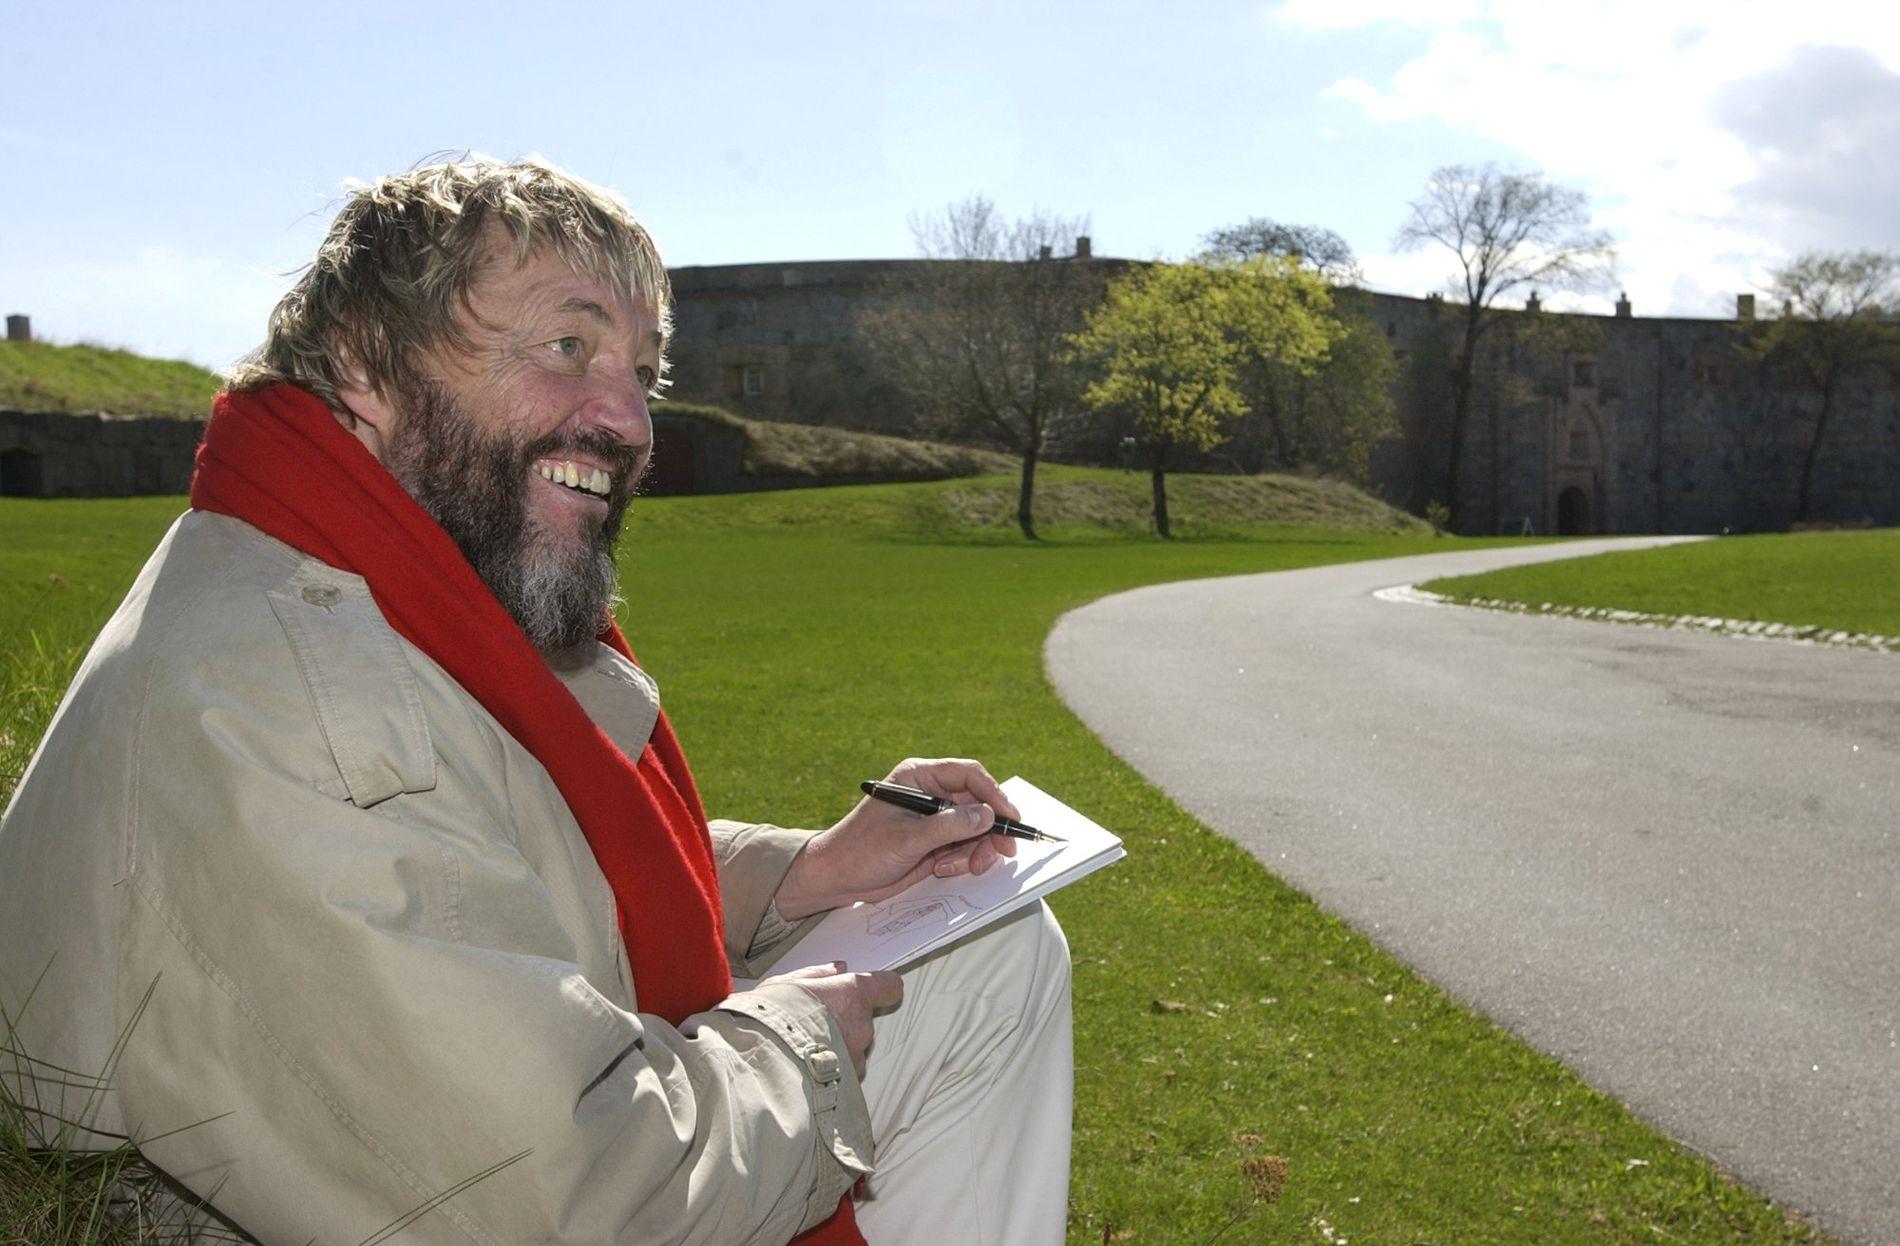 DØD:   Adresseavisens tegner Jan O. Henriksen døde på Trondhjems Hospital søndag kveld etter flere år med sykdom